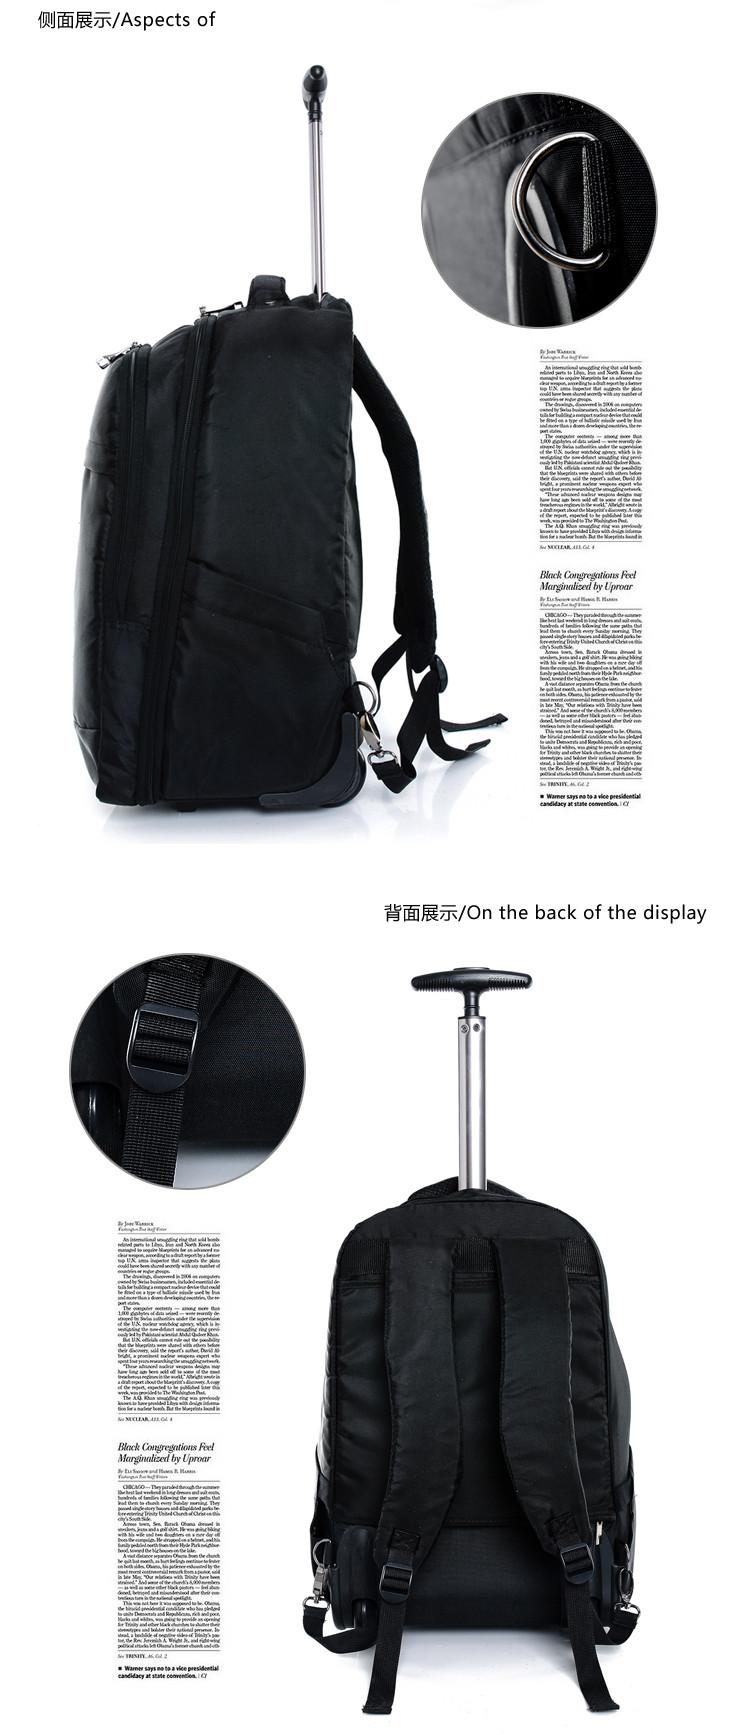 森泰英格时尚运动休闲拉杆双肩背包隐藏背带图片